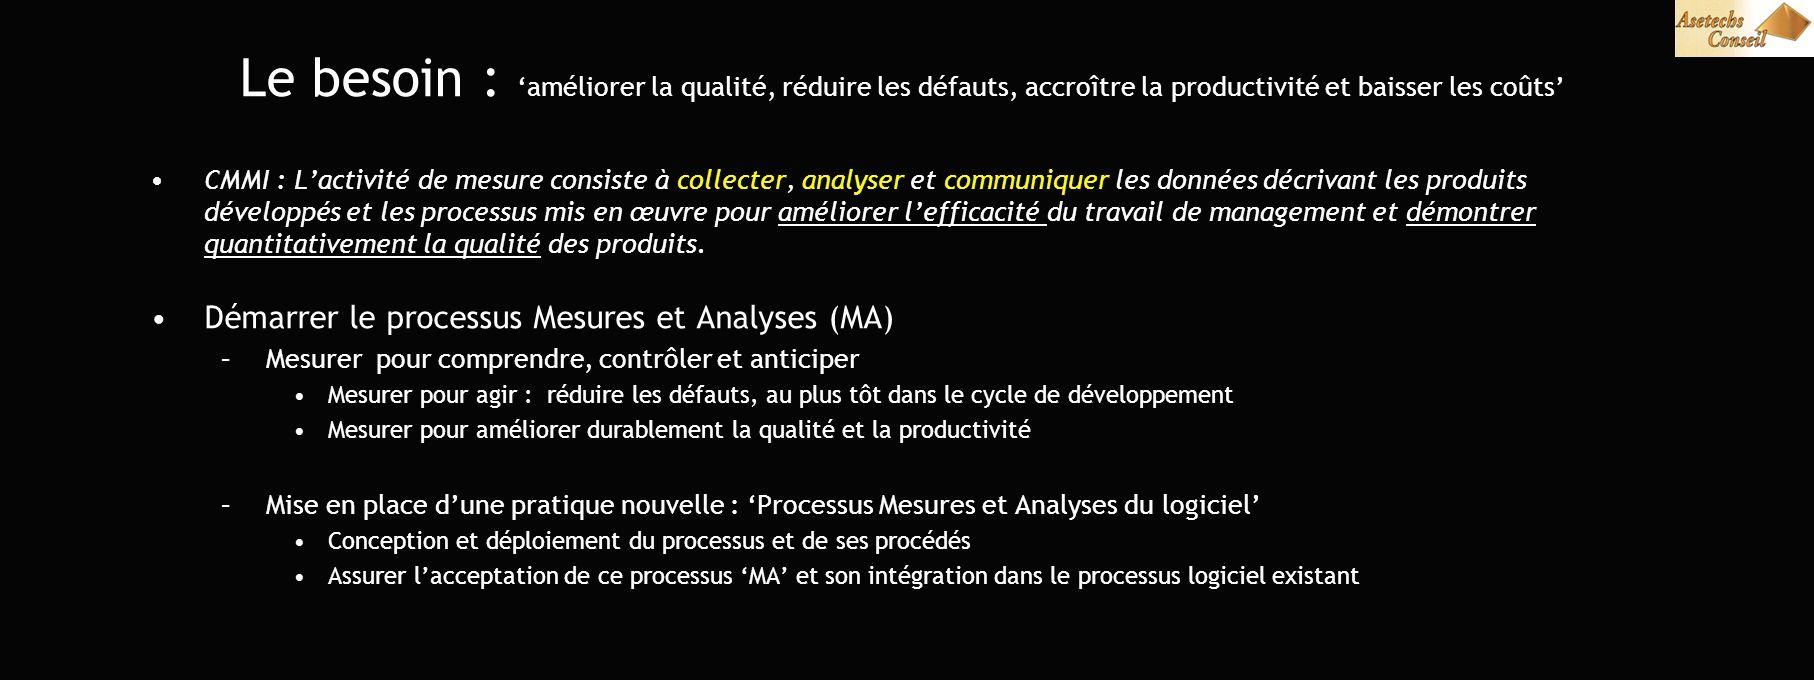 Le besoin : améliorer la qualité, réduire les défauts, accroître la productivité et baisser les coûts CMMI : Lactivité de mesure consiste à collecter,